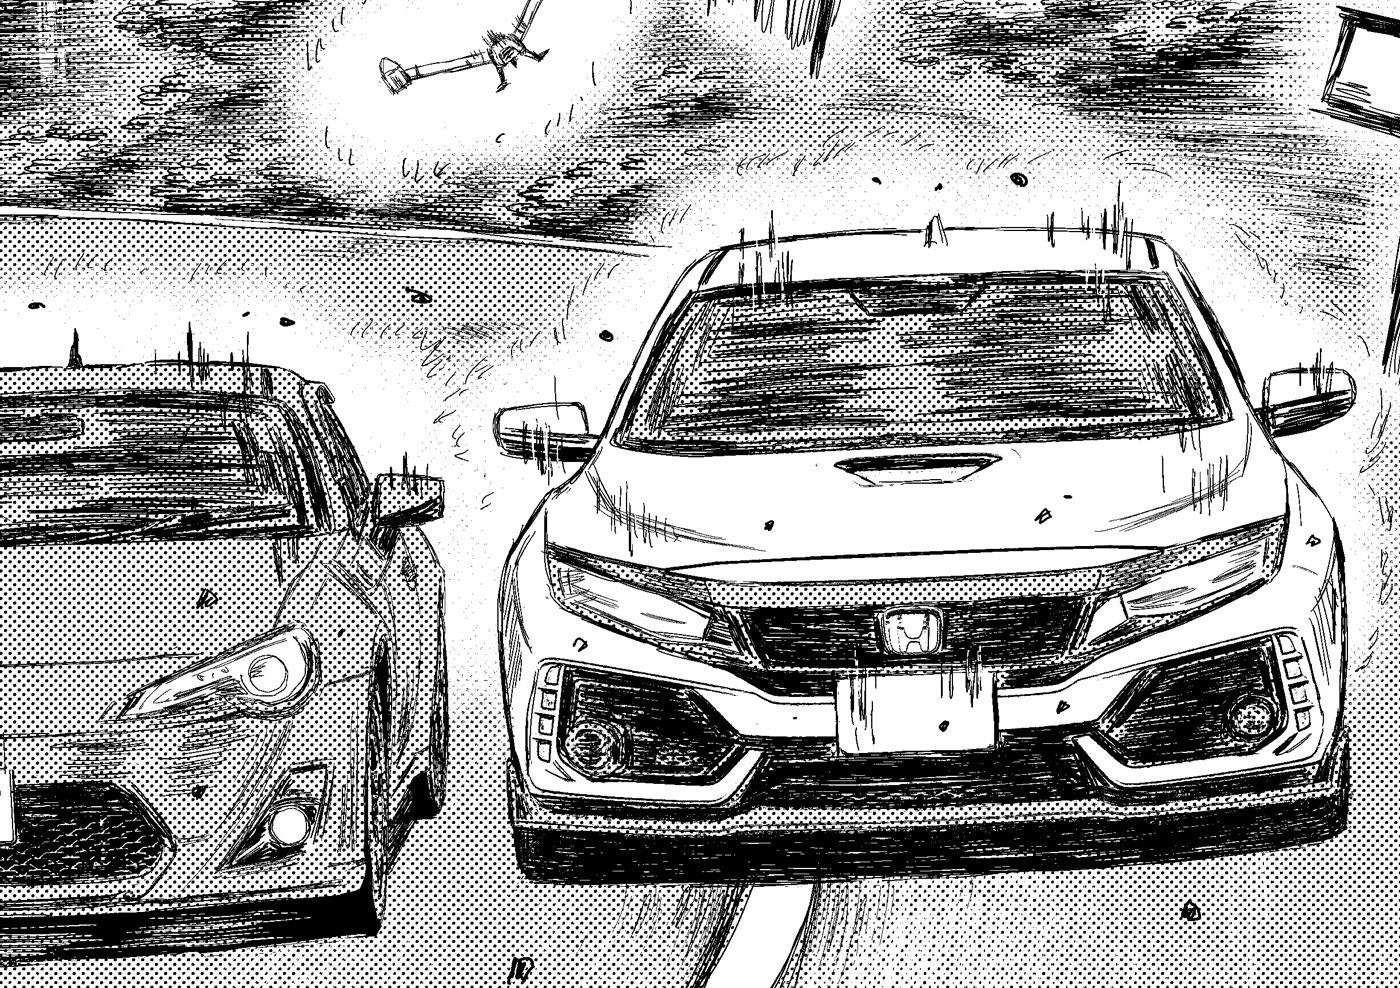 ホンダシビックタイプR(ベース車価格 450万600円)